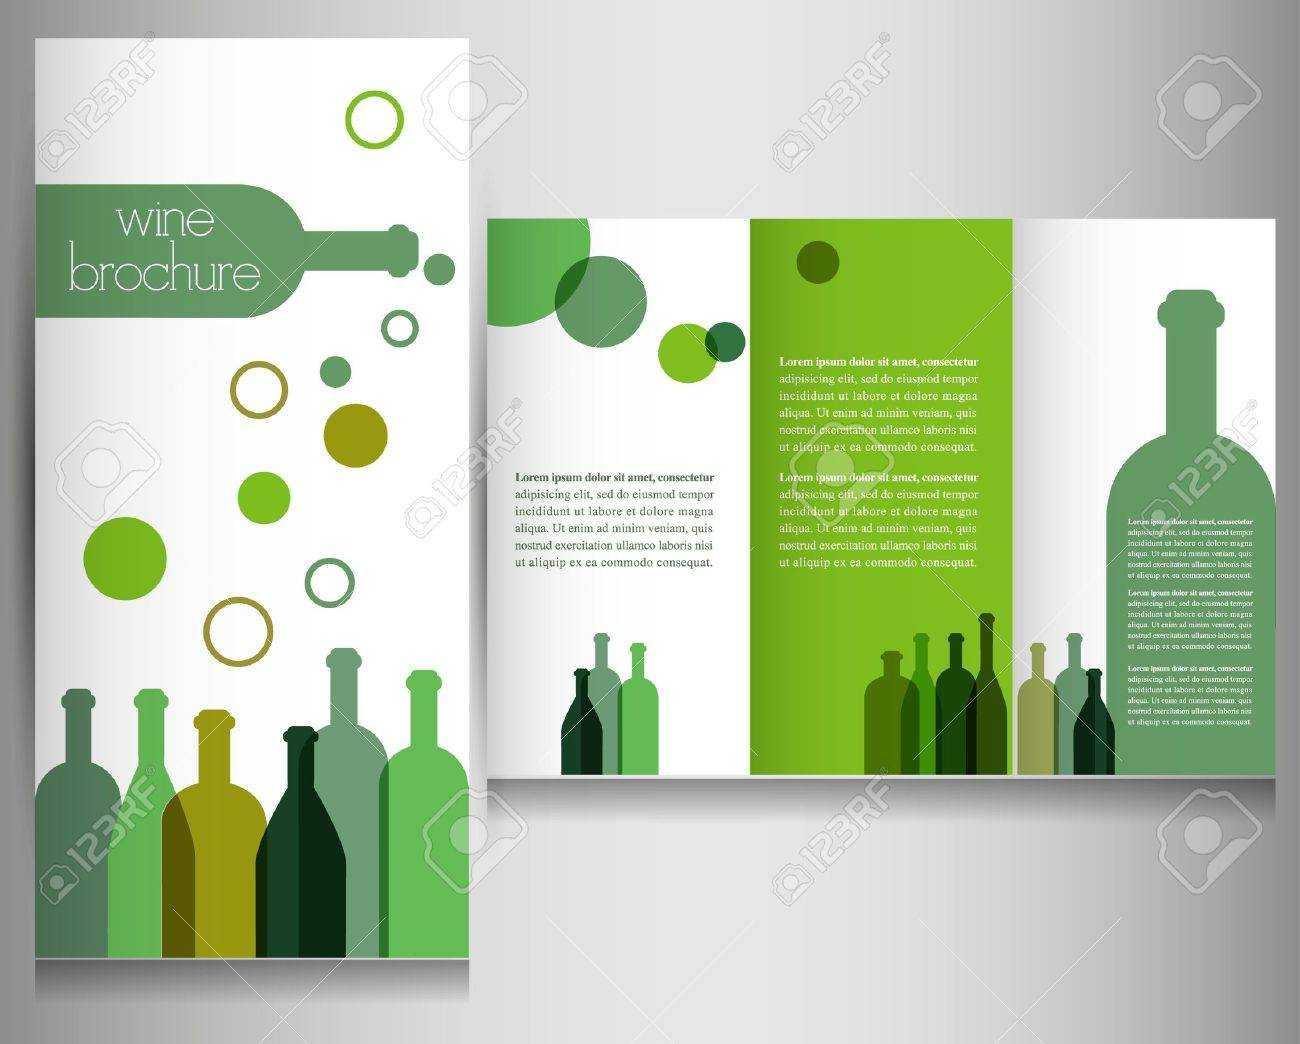 Wine Brochure Design Template Vector throughout Wine Brochure Template